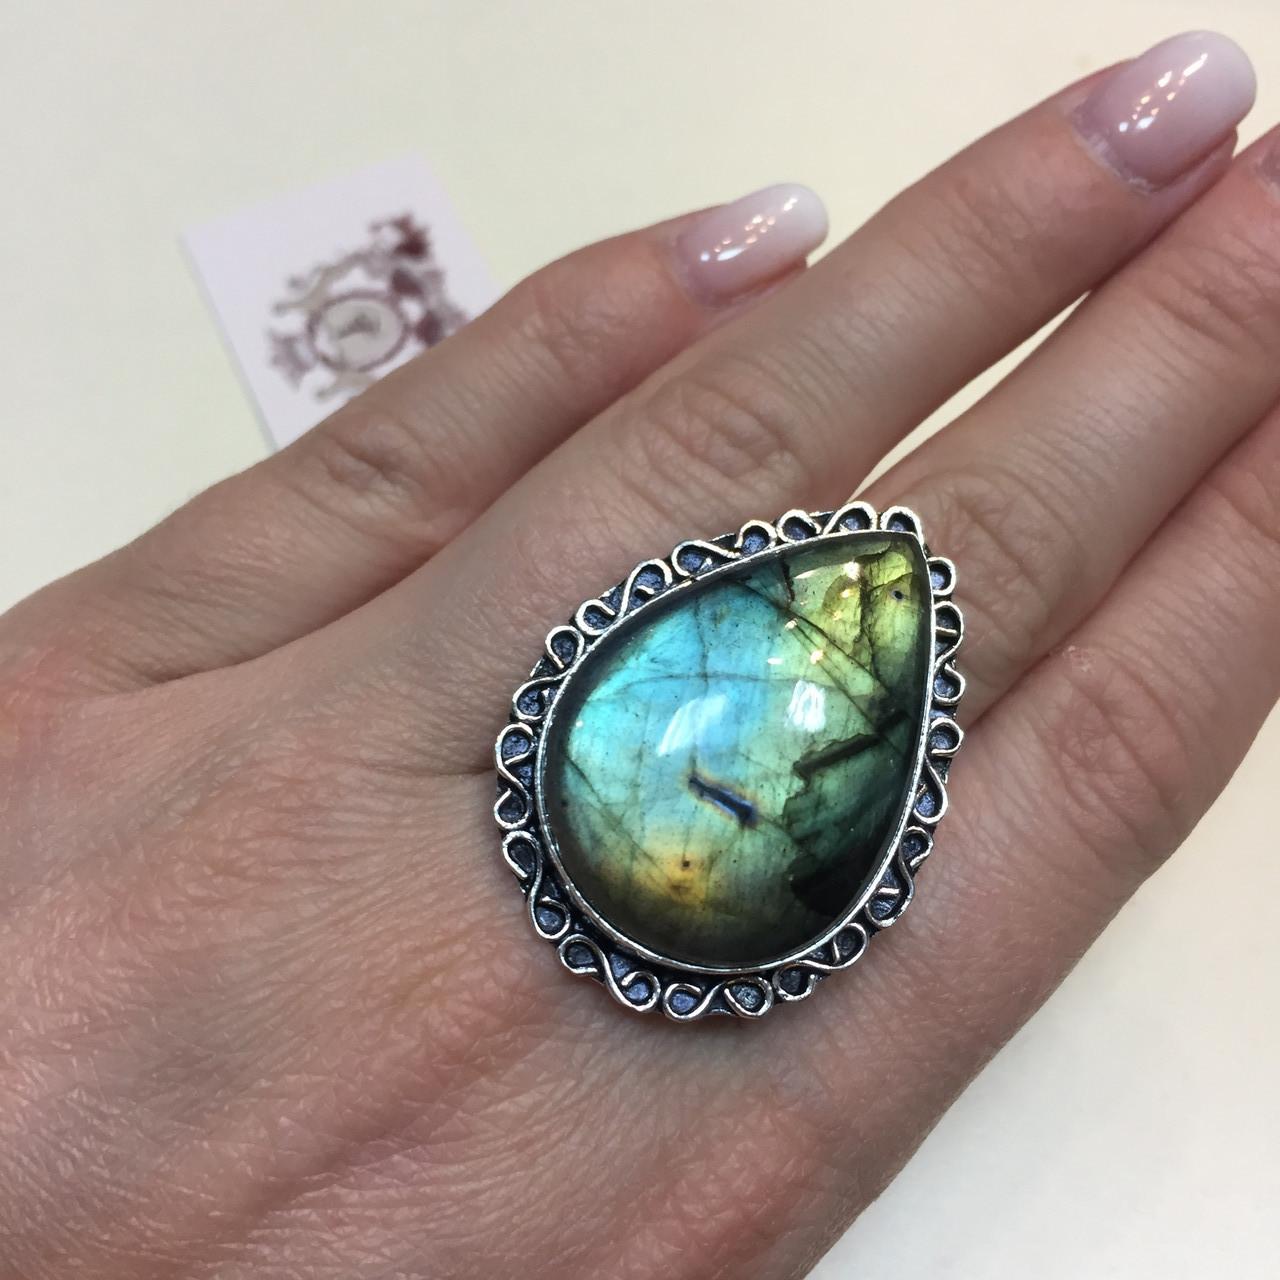 Красивое кольцо с натуральным лабрадором в серебре кольцо капля с лабрадором лабрадор 20,2 размер Индия